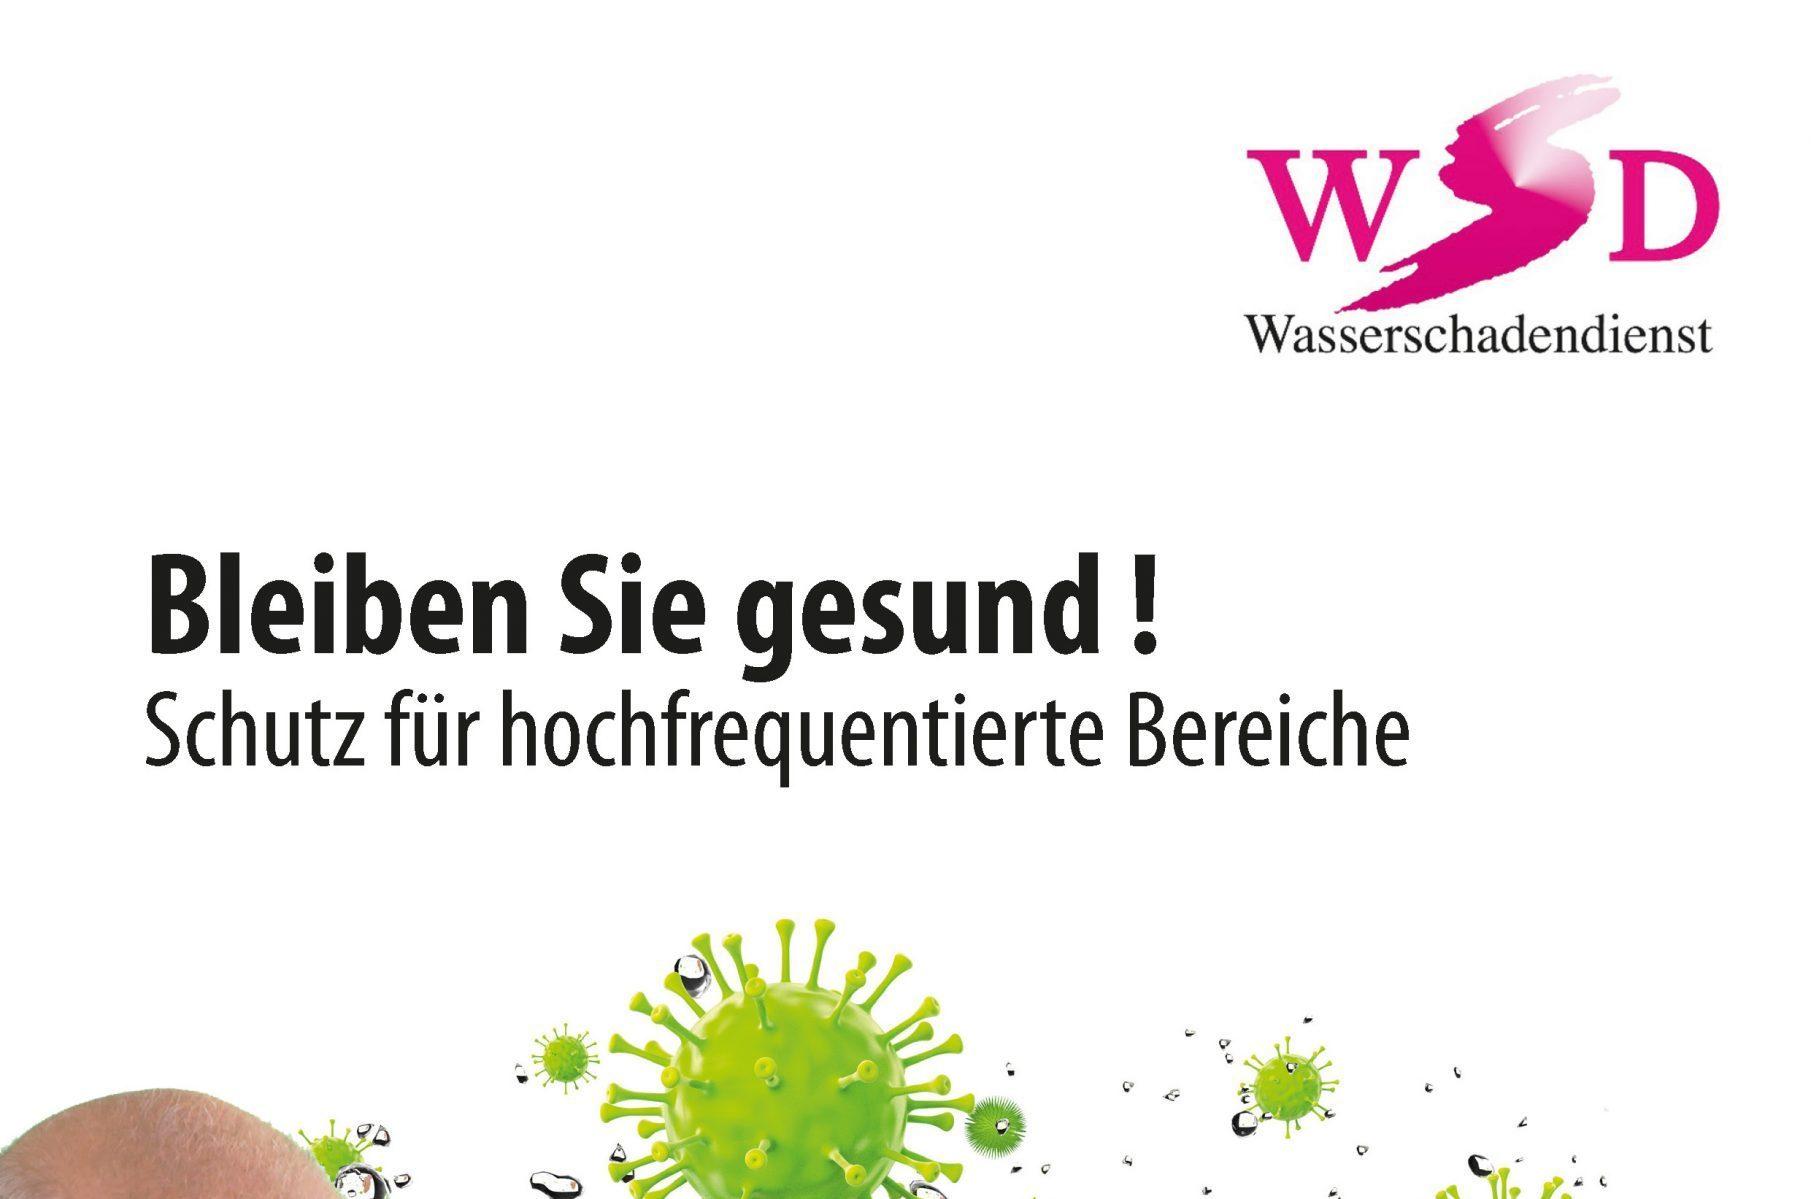 WSD Wasserschadendienst – Ihr Partner für gesundes Wohnen!